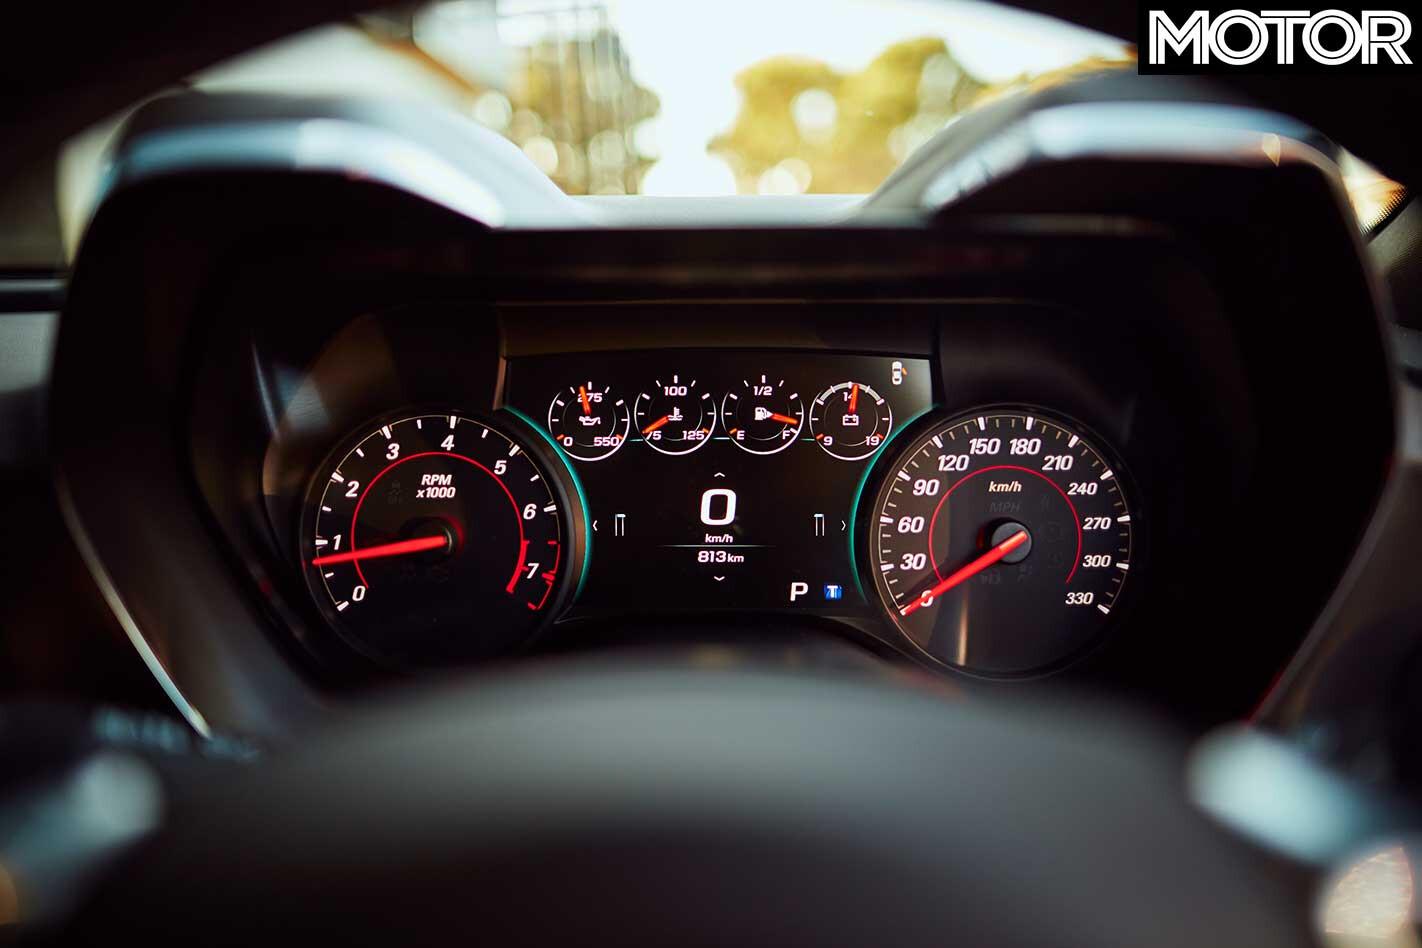 2018 Chevrolet Camaro 2 SS Instrumentation Jpg